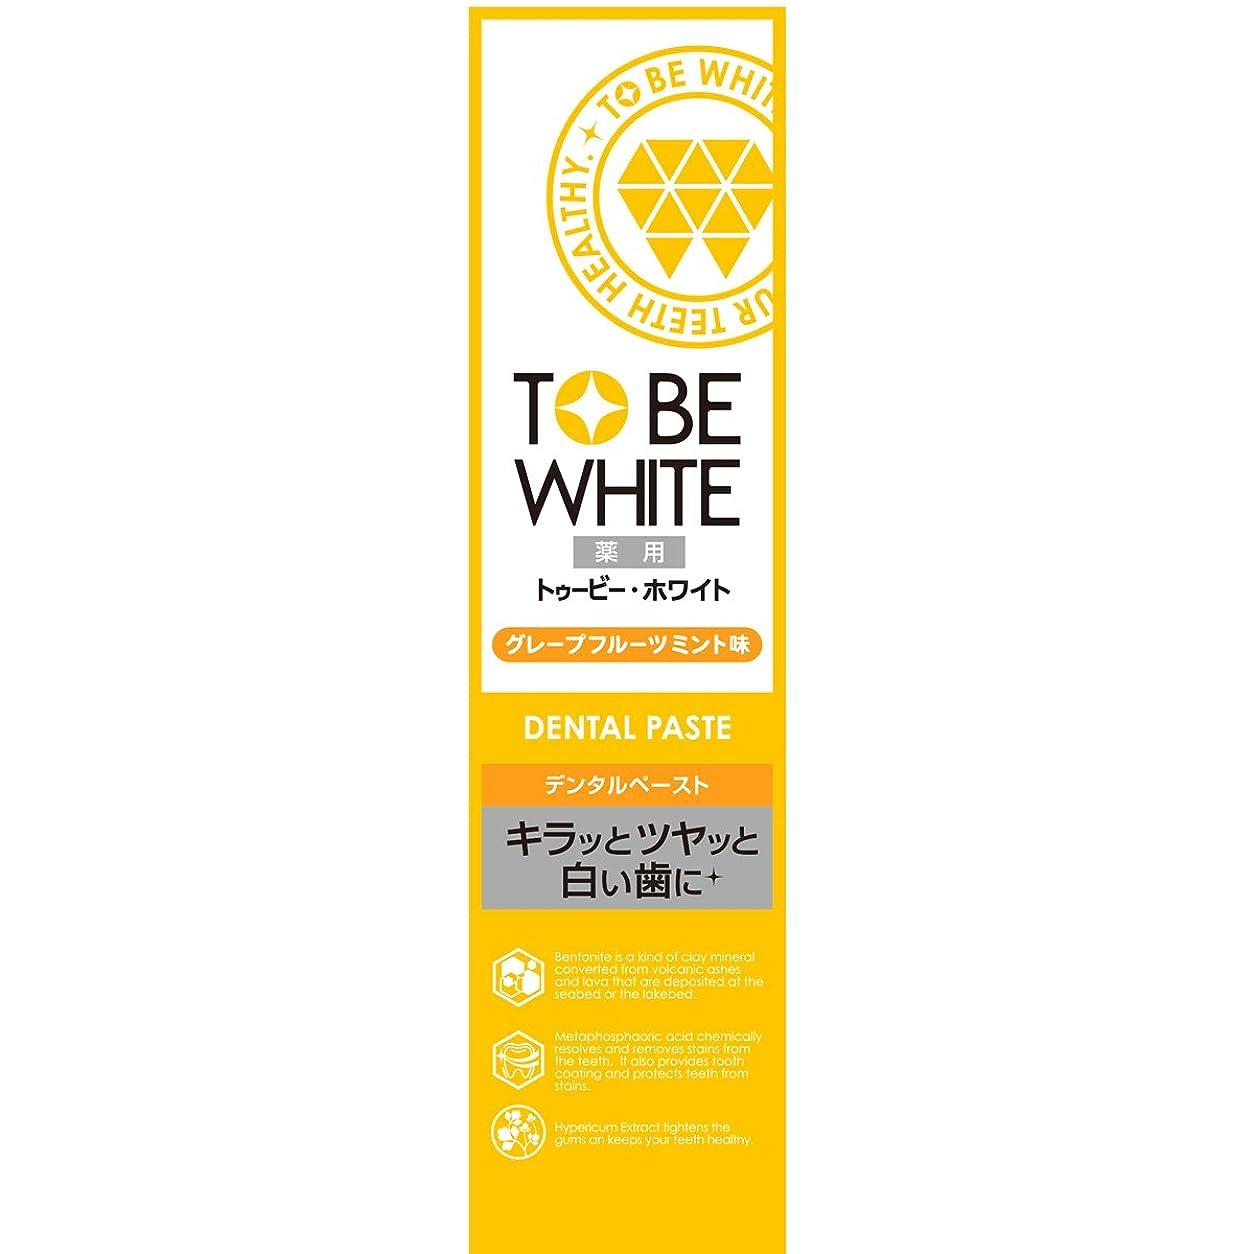 もう一度利用可能そばにトゥービー?ホワイト 薬用 ホワイトニング ハミガキ粉 グレープフルーツミント 味 60g 【医薬部外品】